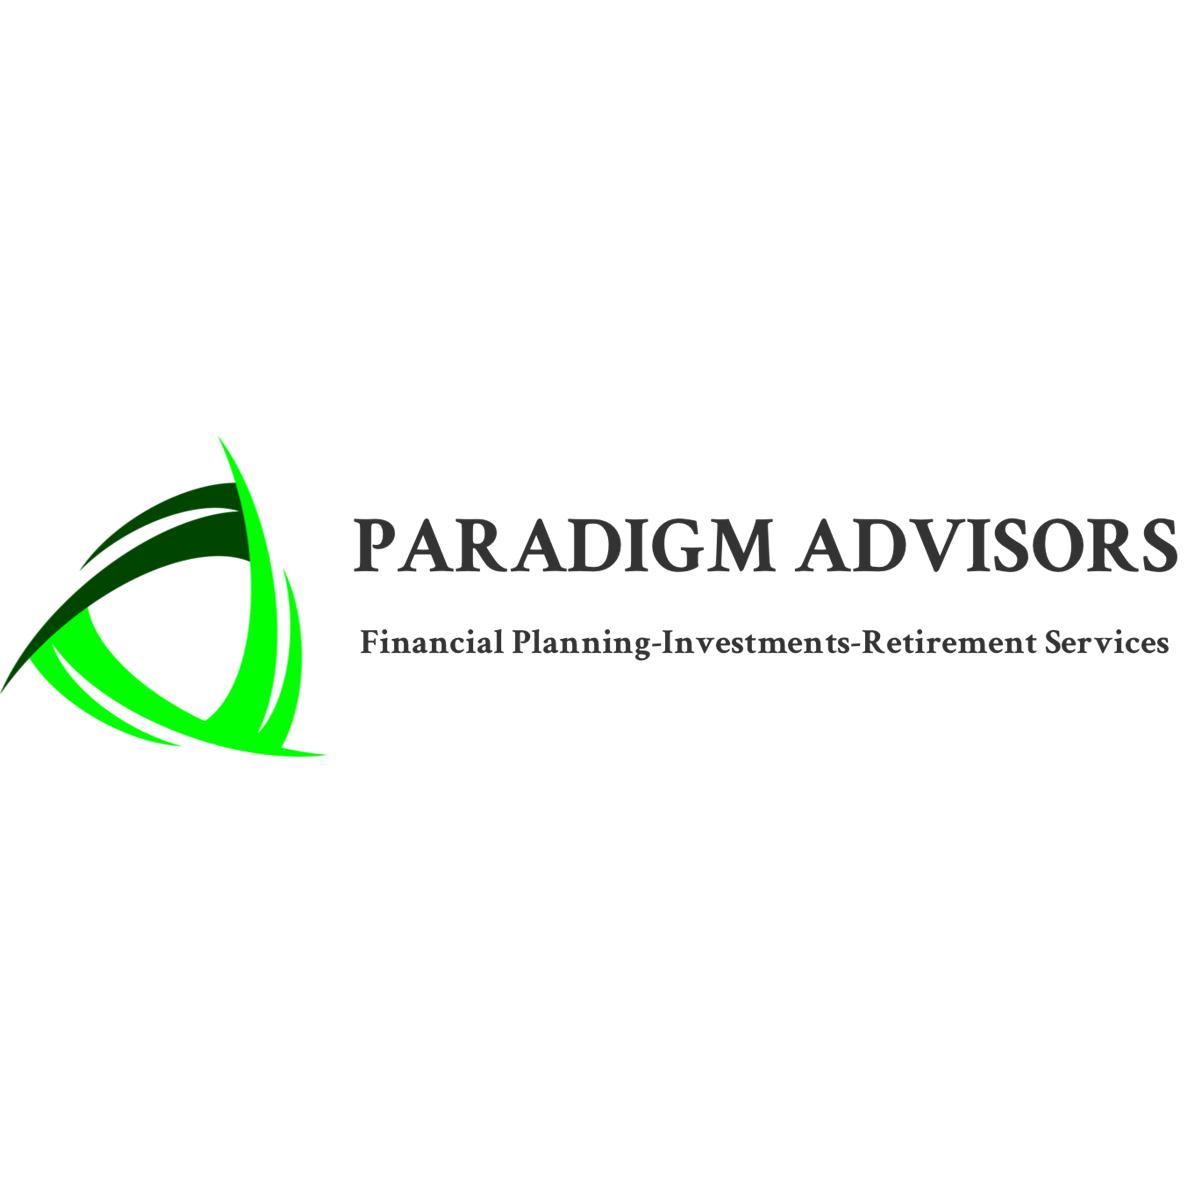 Paradigm Advisors